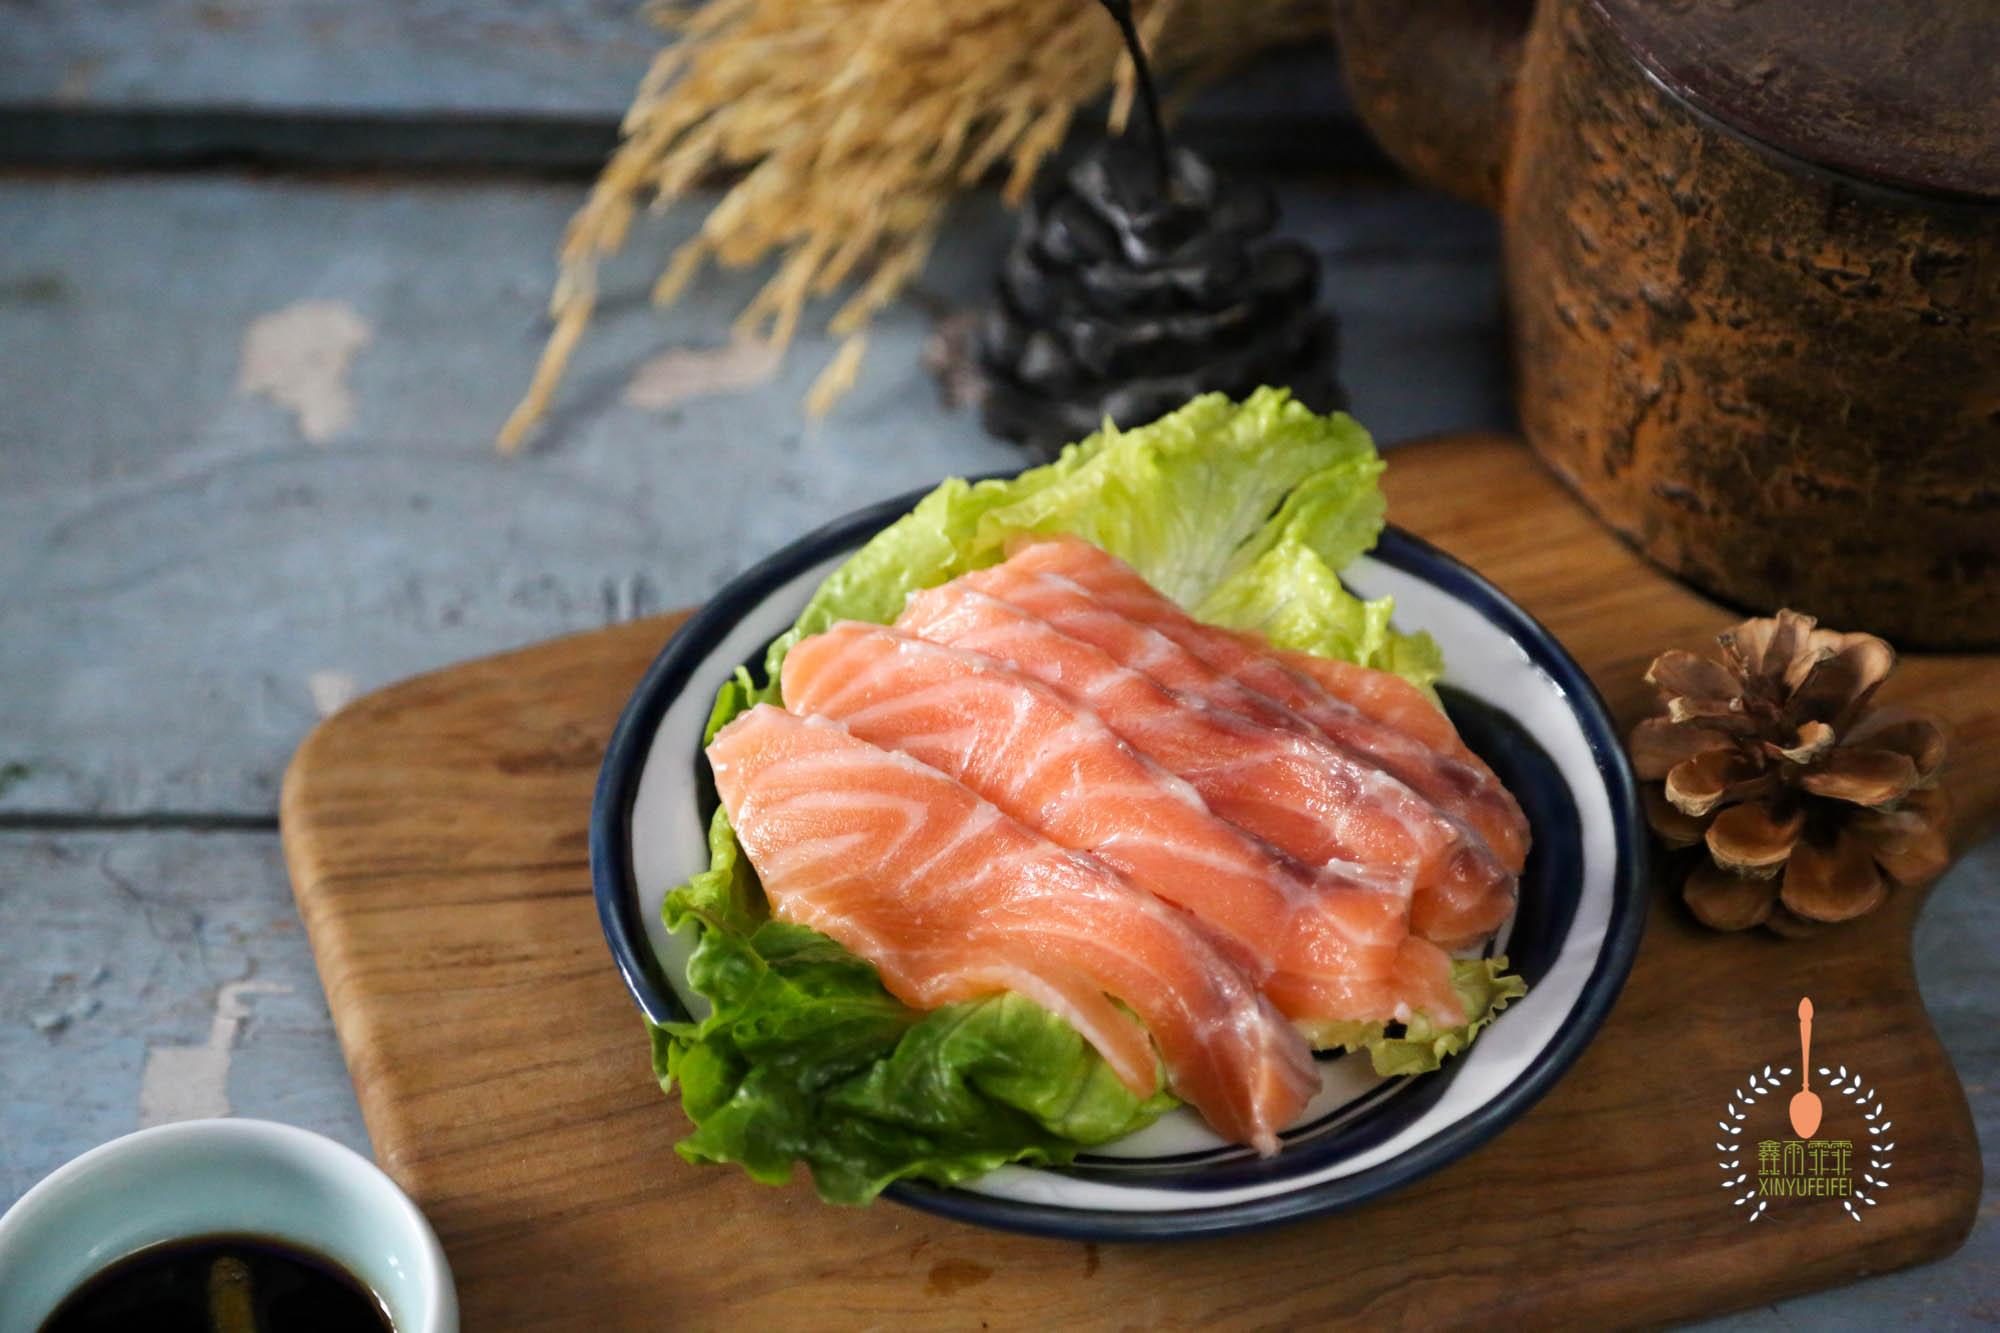 如何在超市里购买正宗的三文鱼?日料大厨教你几个小窍门